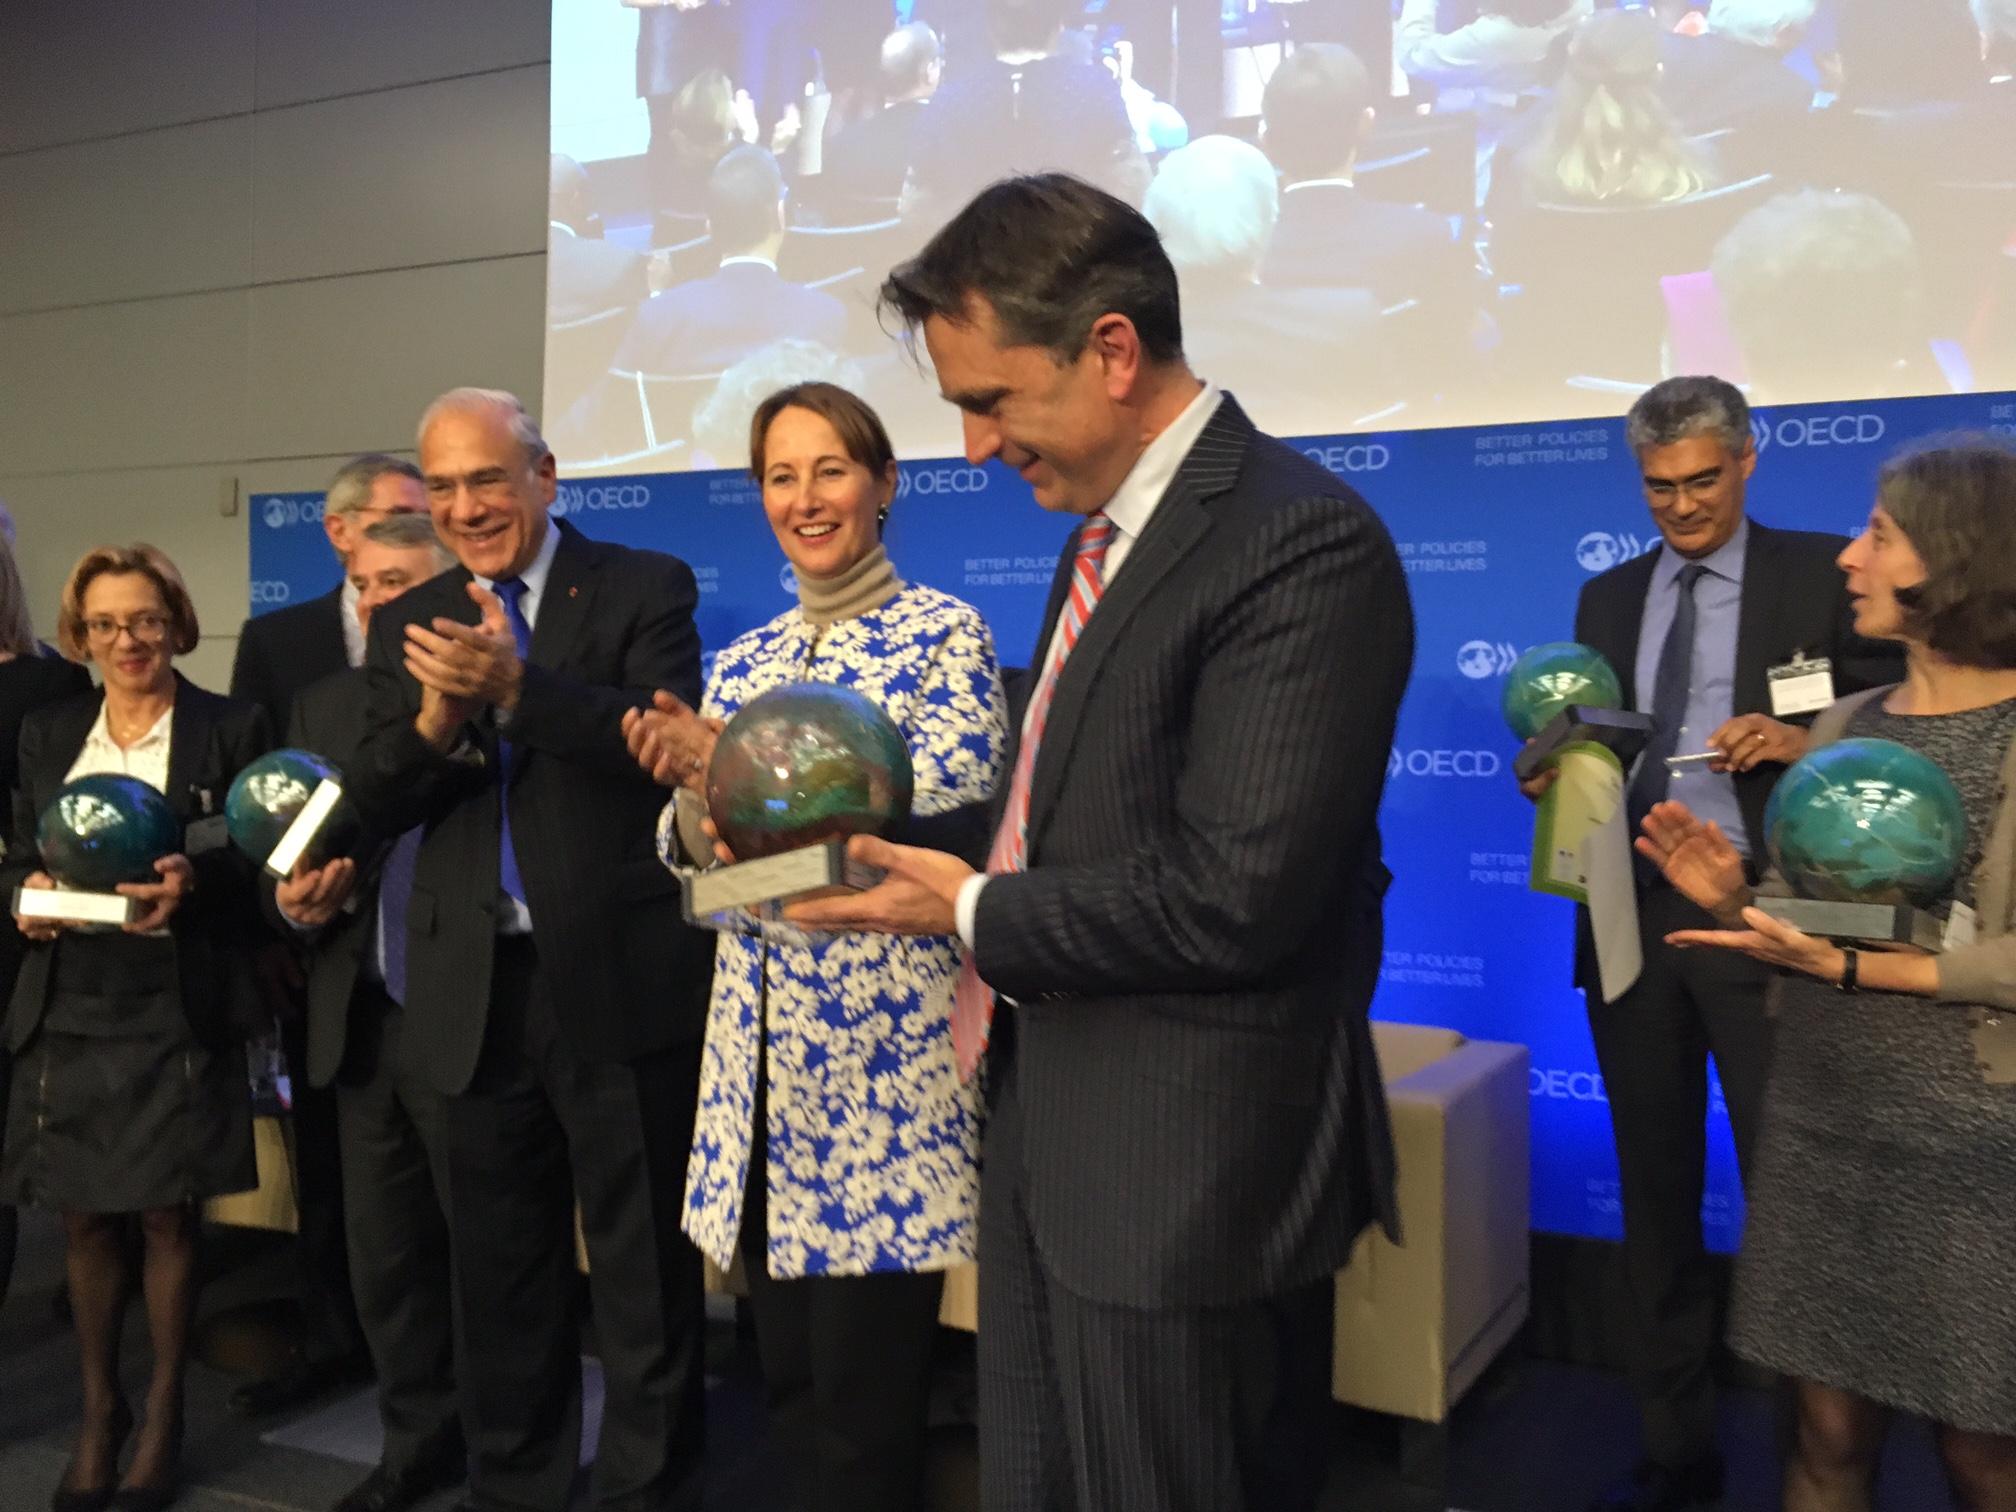 Vermogensbeheerder ACTIAM wint prestigieuze internationale klimaatprijs